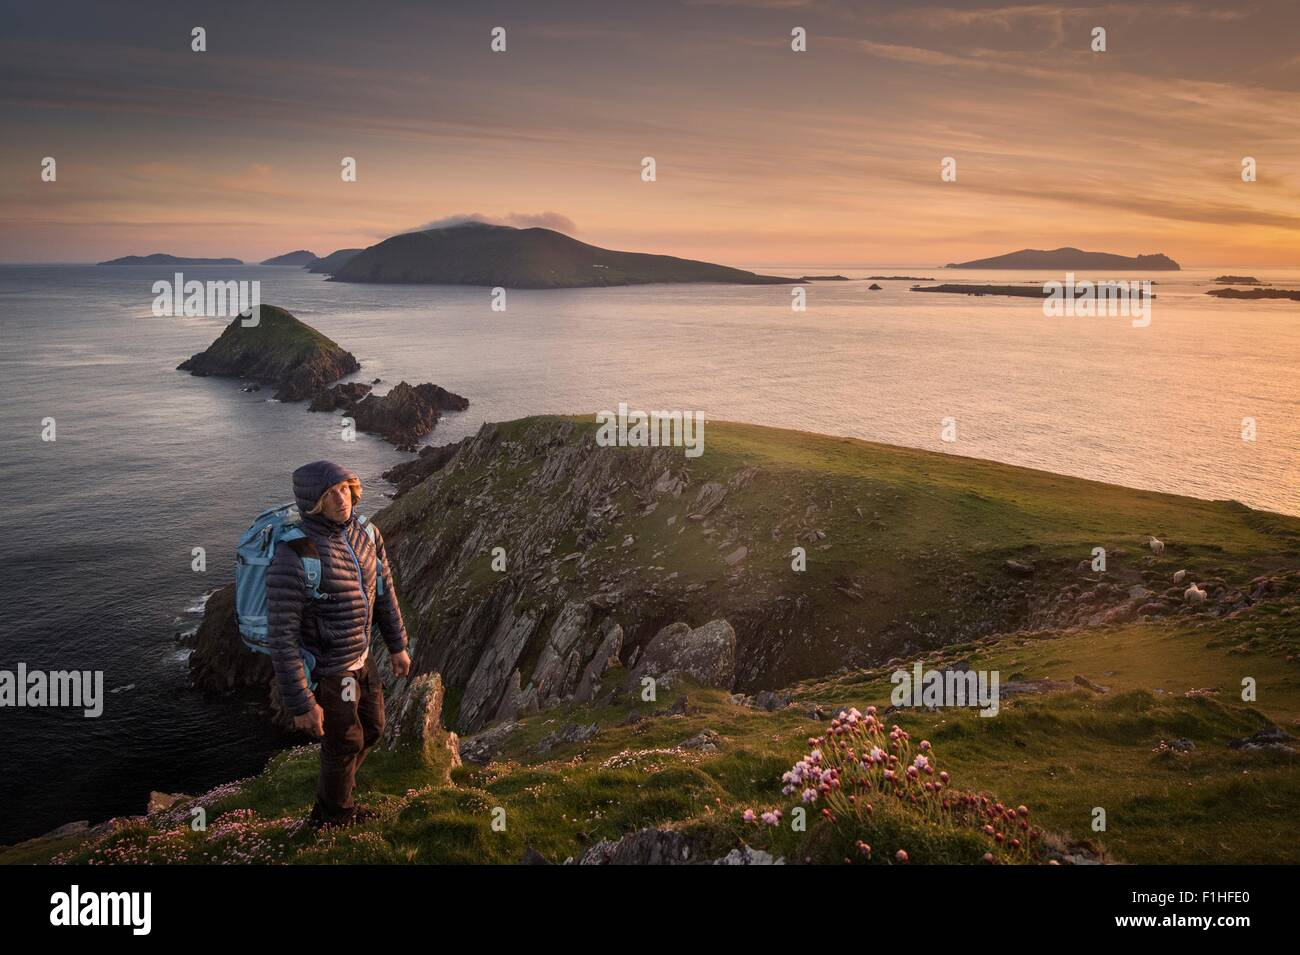 Metà uomo adulto, escursionismo, Slea head, County Kerry, Irlanda Immagini Stock